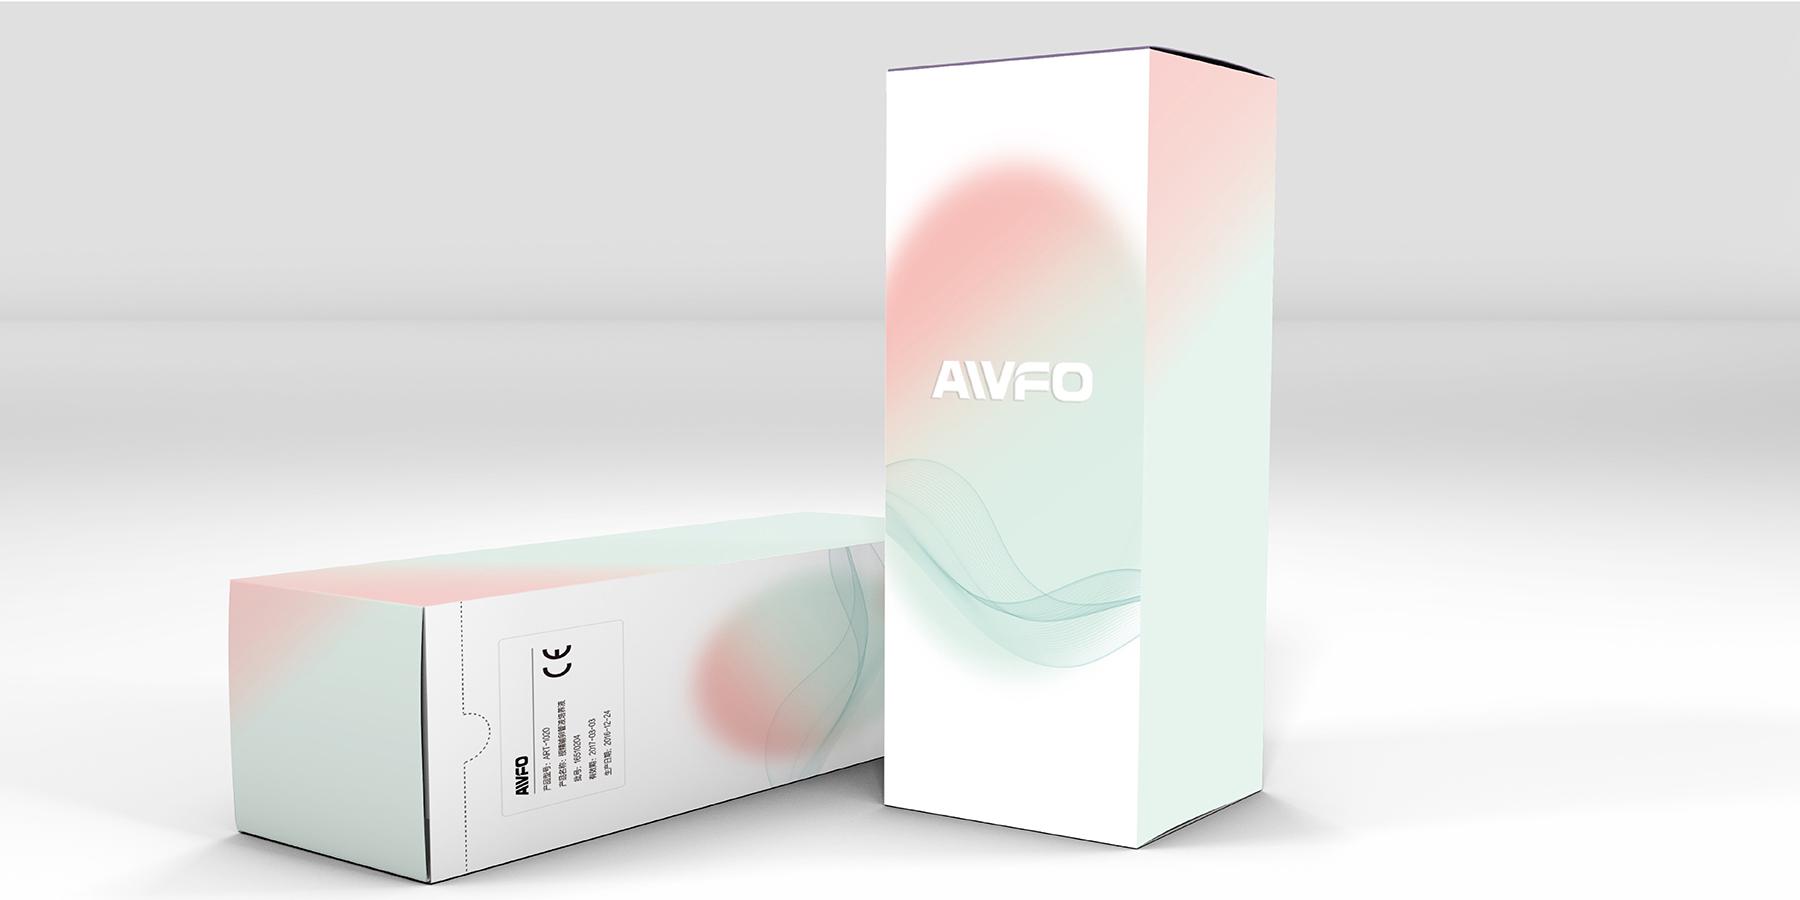 受精卵输卵管培养液-品牌设计-物料设计-包装设计